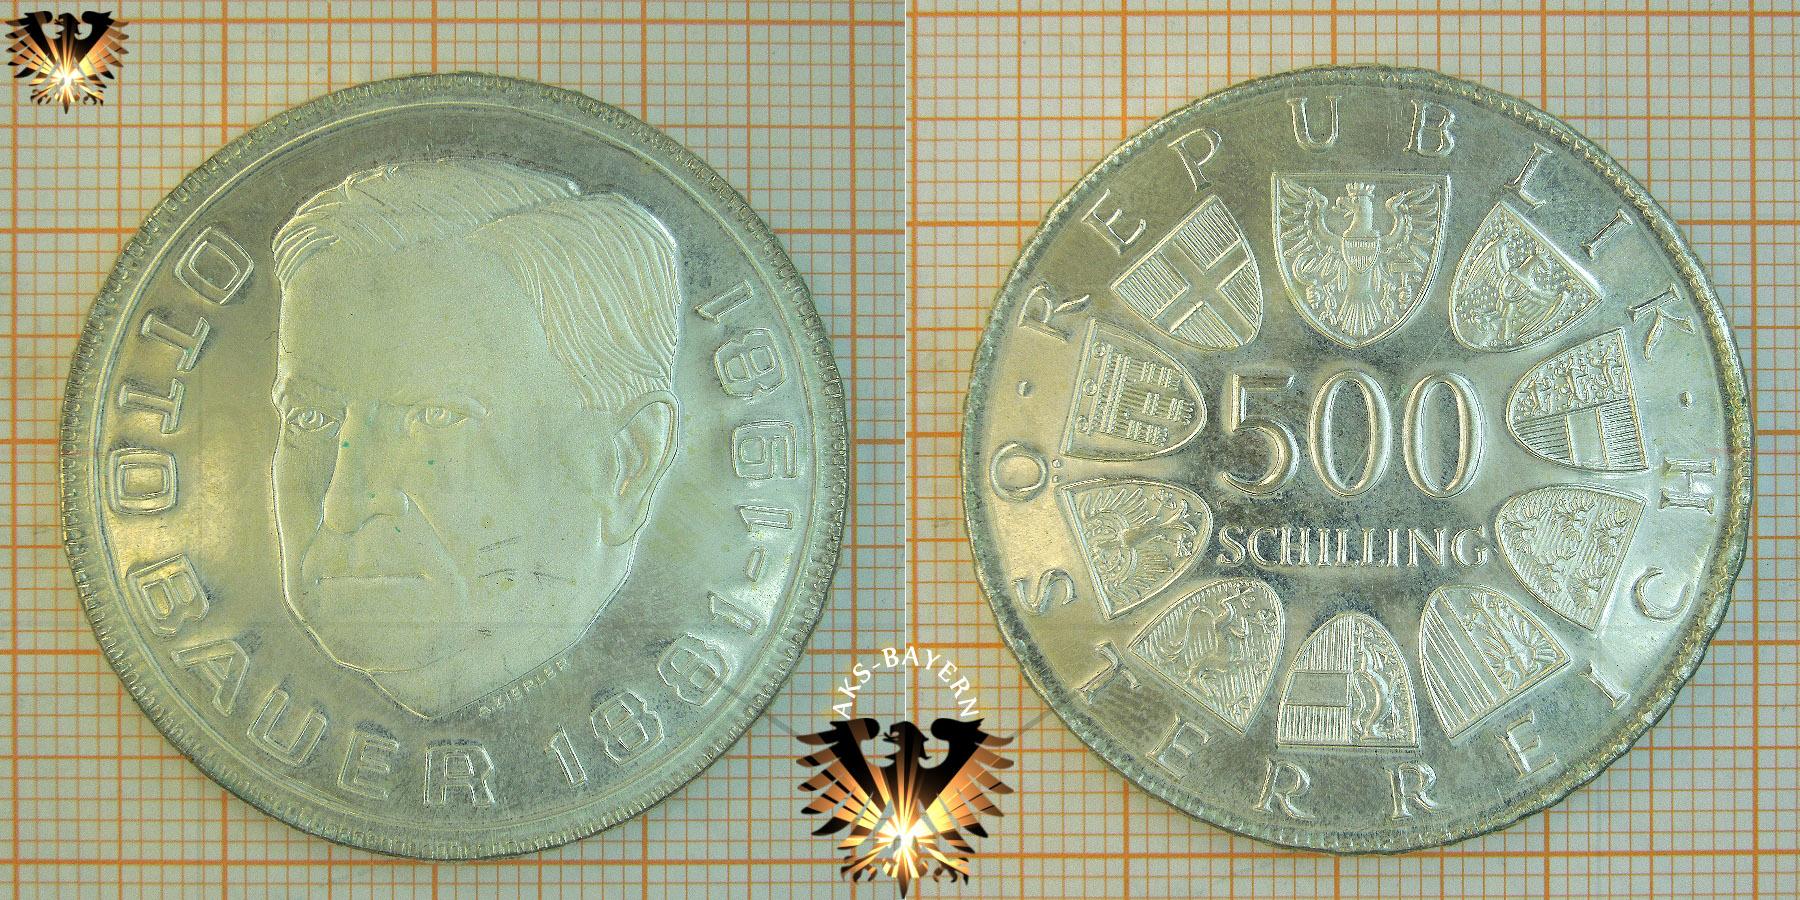 500 Schilling 1981 Otto Bauer Gedenkmünze In Silber